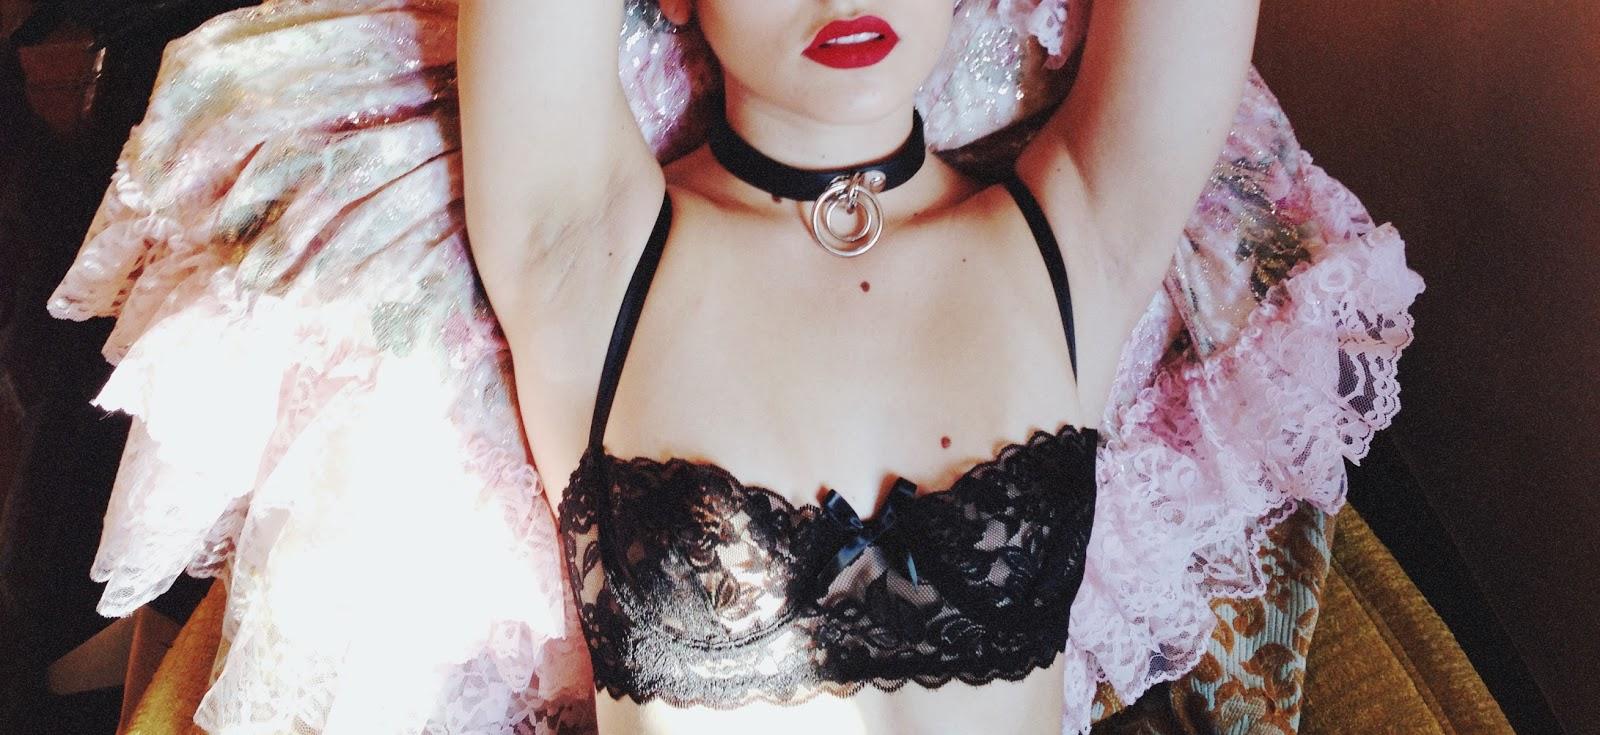 Crimson Lace Underwire Bra x Unif Dame Choker